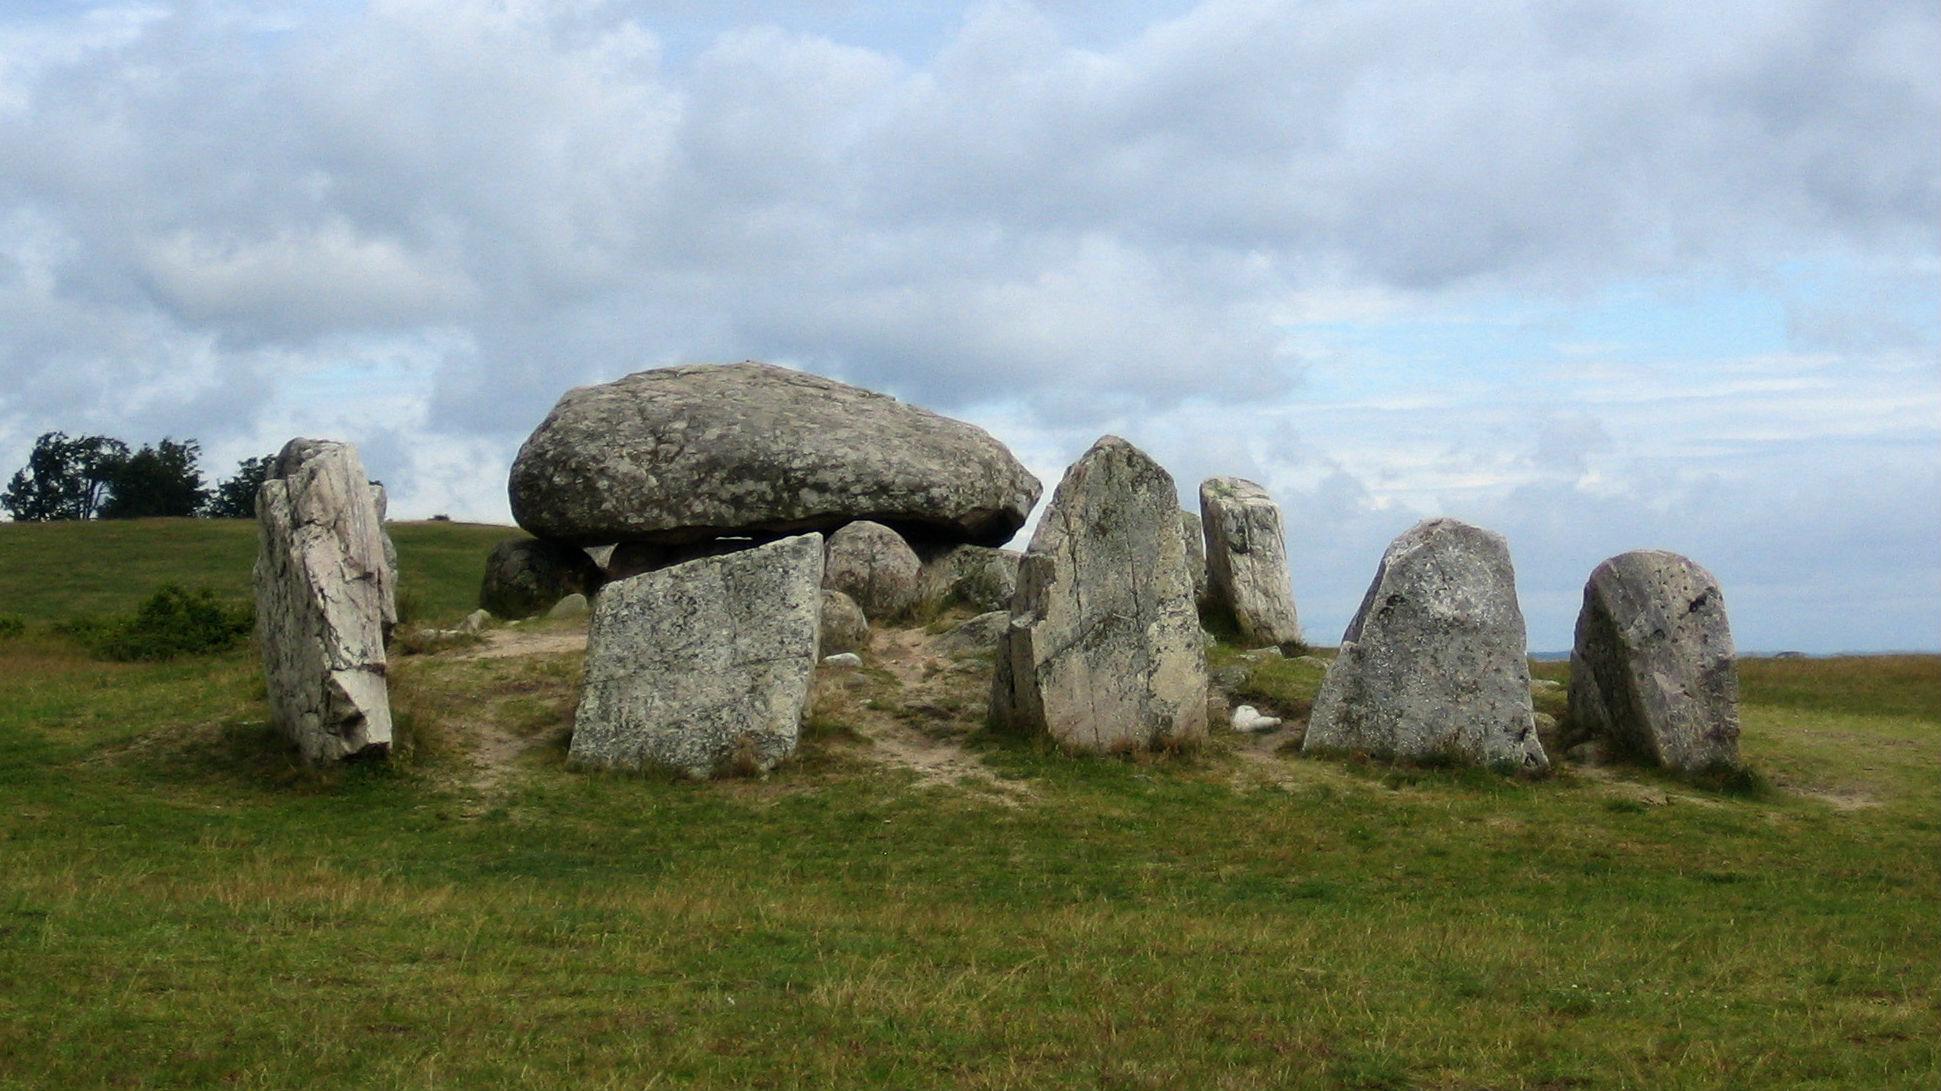 Havängsdösen är en stenkammargrav (megalitgrav) av typen dös från yngre stenåldern, c:a 5 500 år gammal